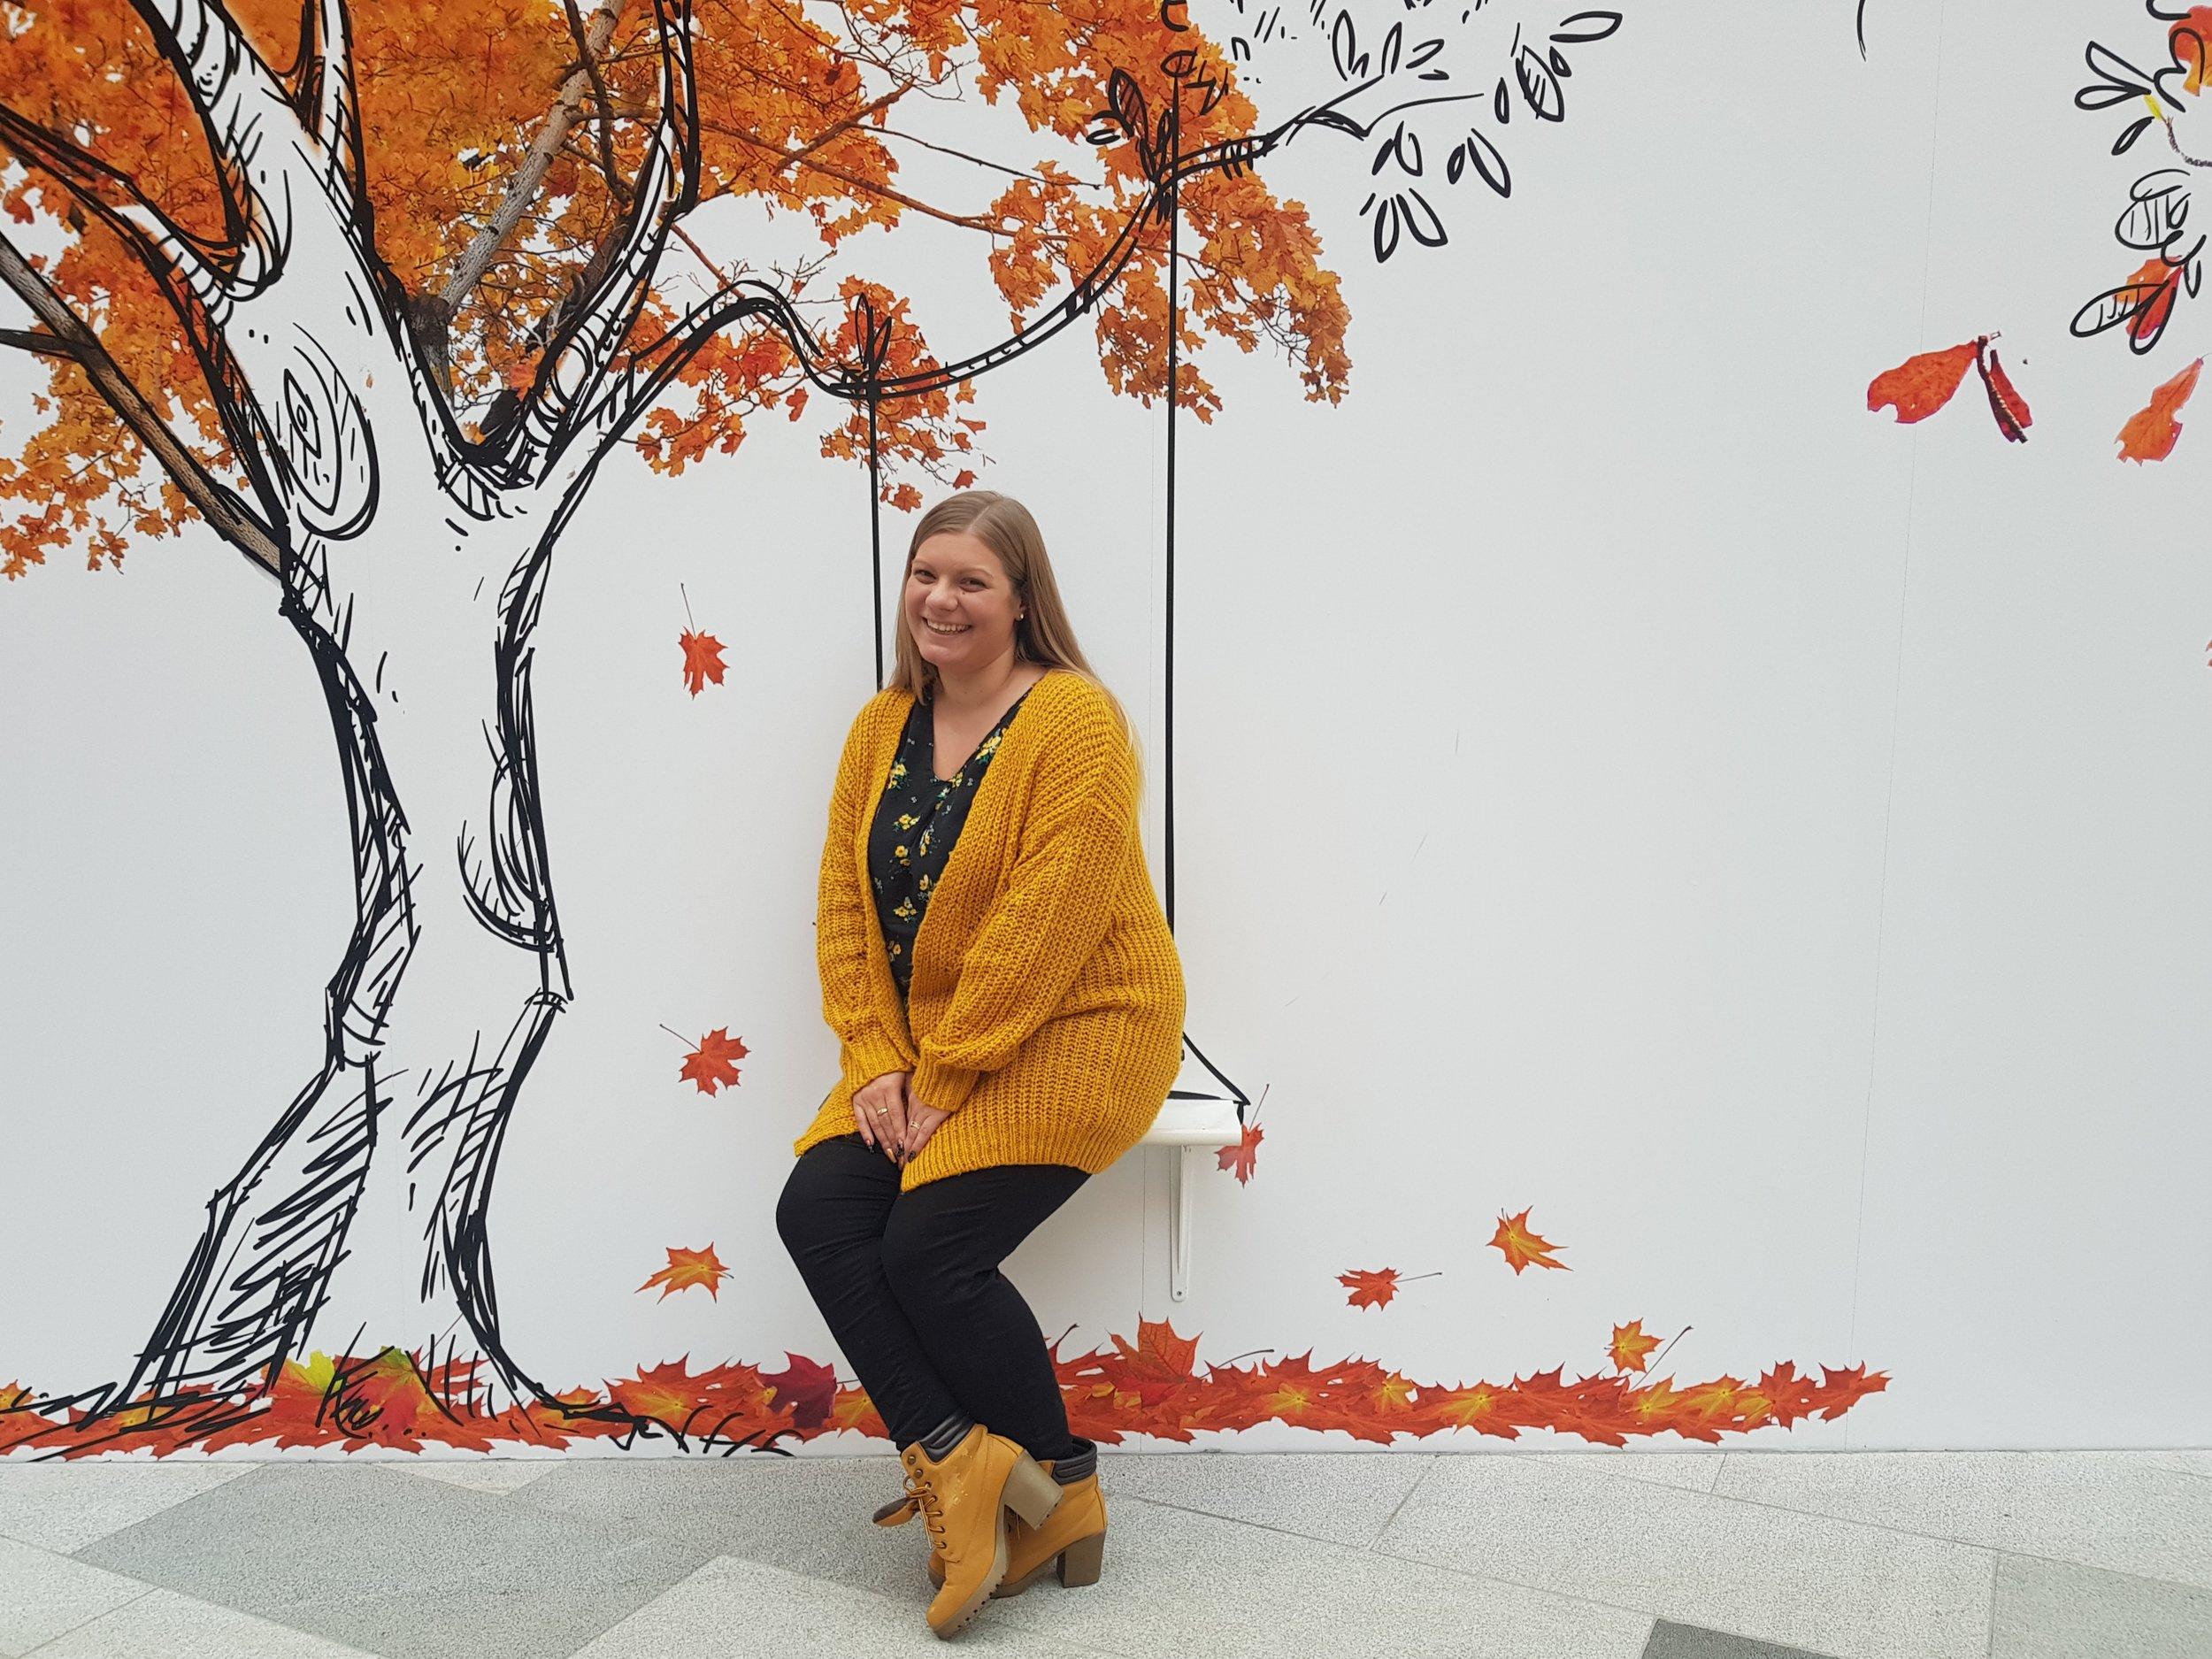 Posing by the mural walls in Intu Watford